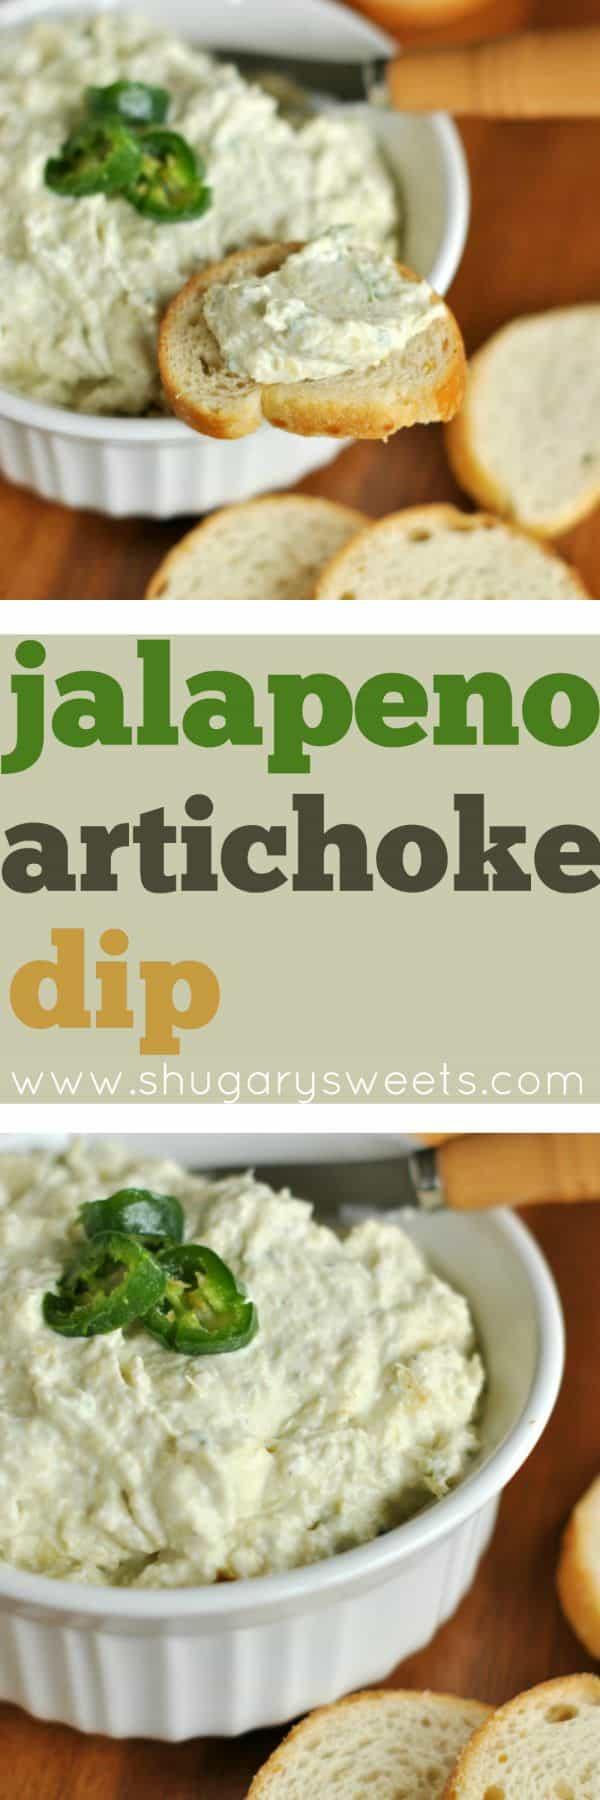 Artichoke Jalapeno Dip , Shugary Sweets